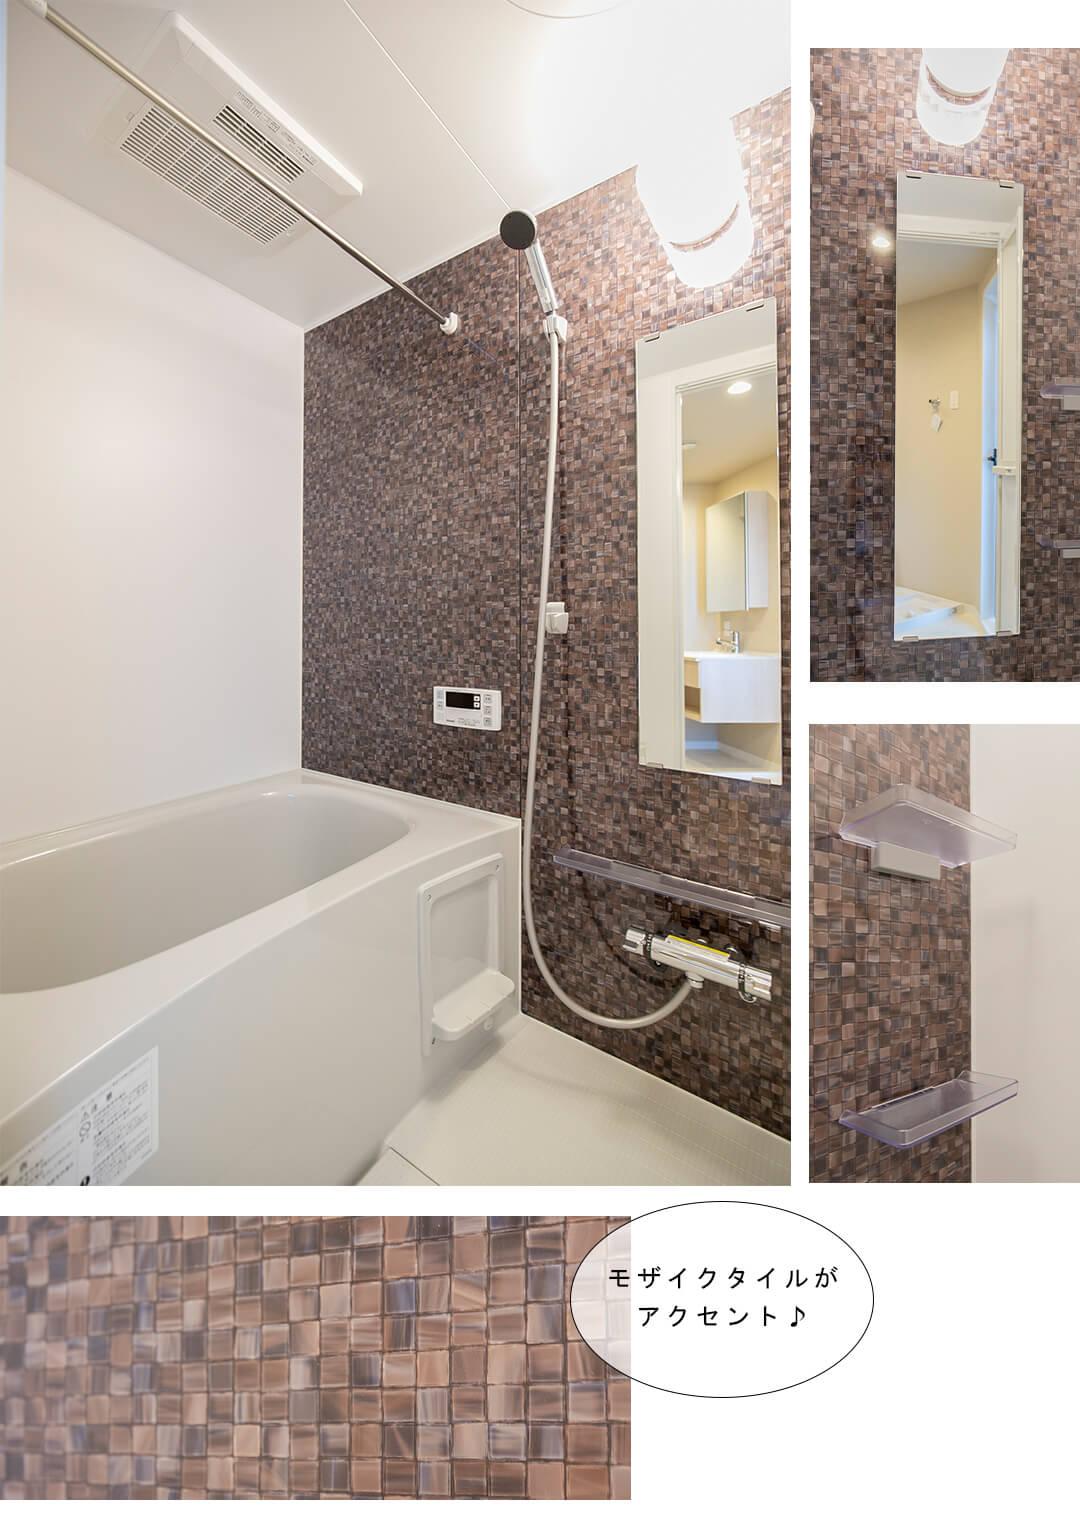 フェニックス早稲田の浴室